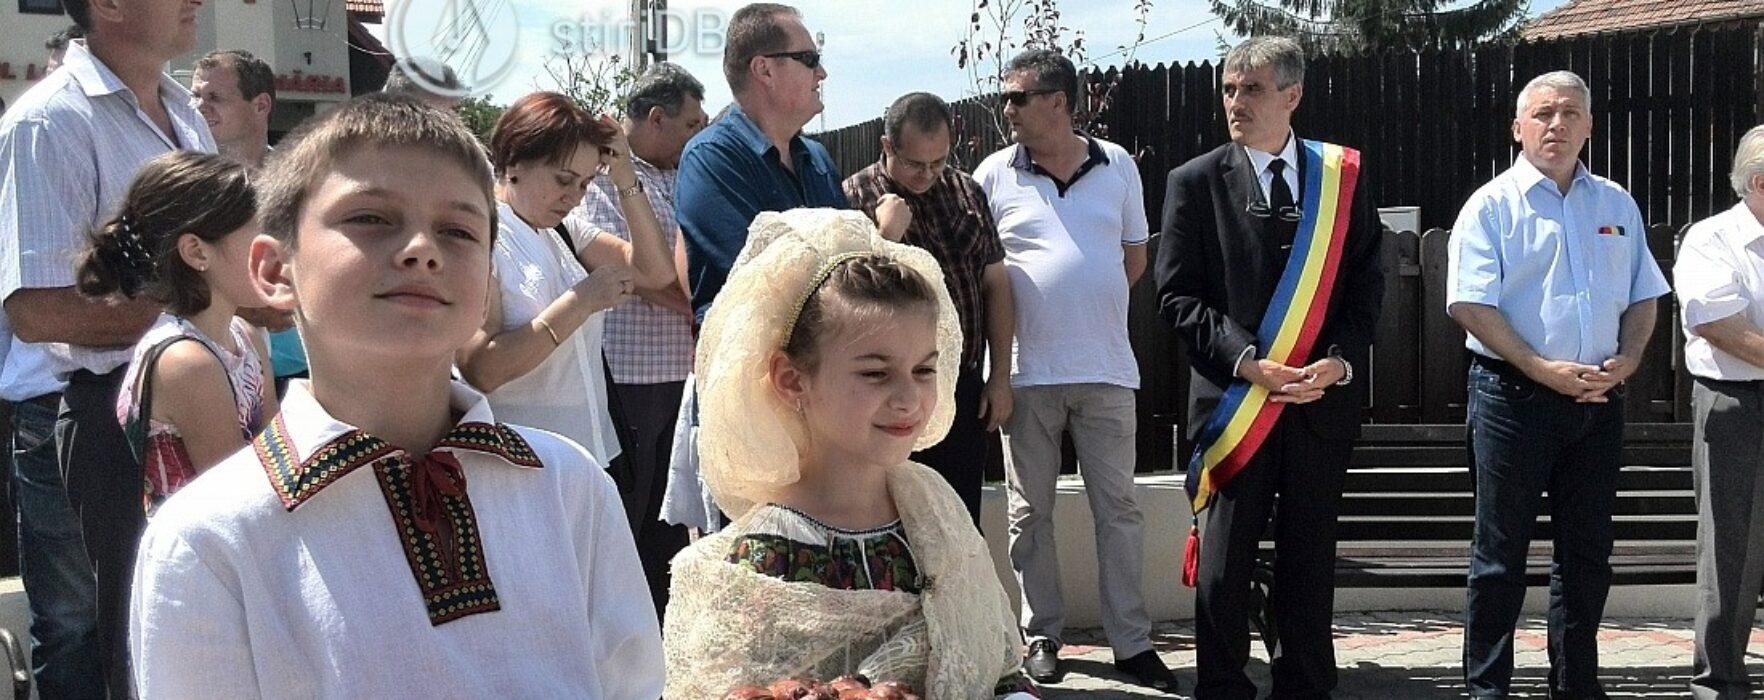 Ziua comunei Şotânga (foto)